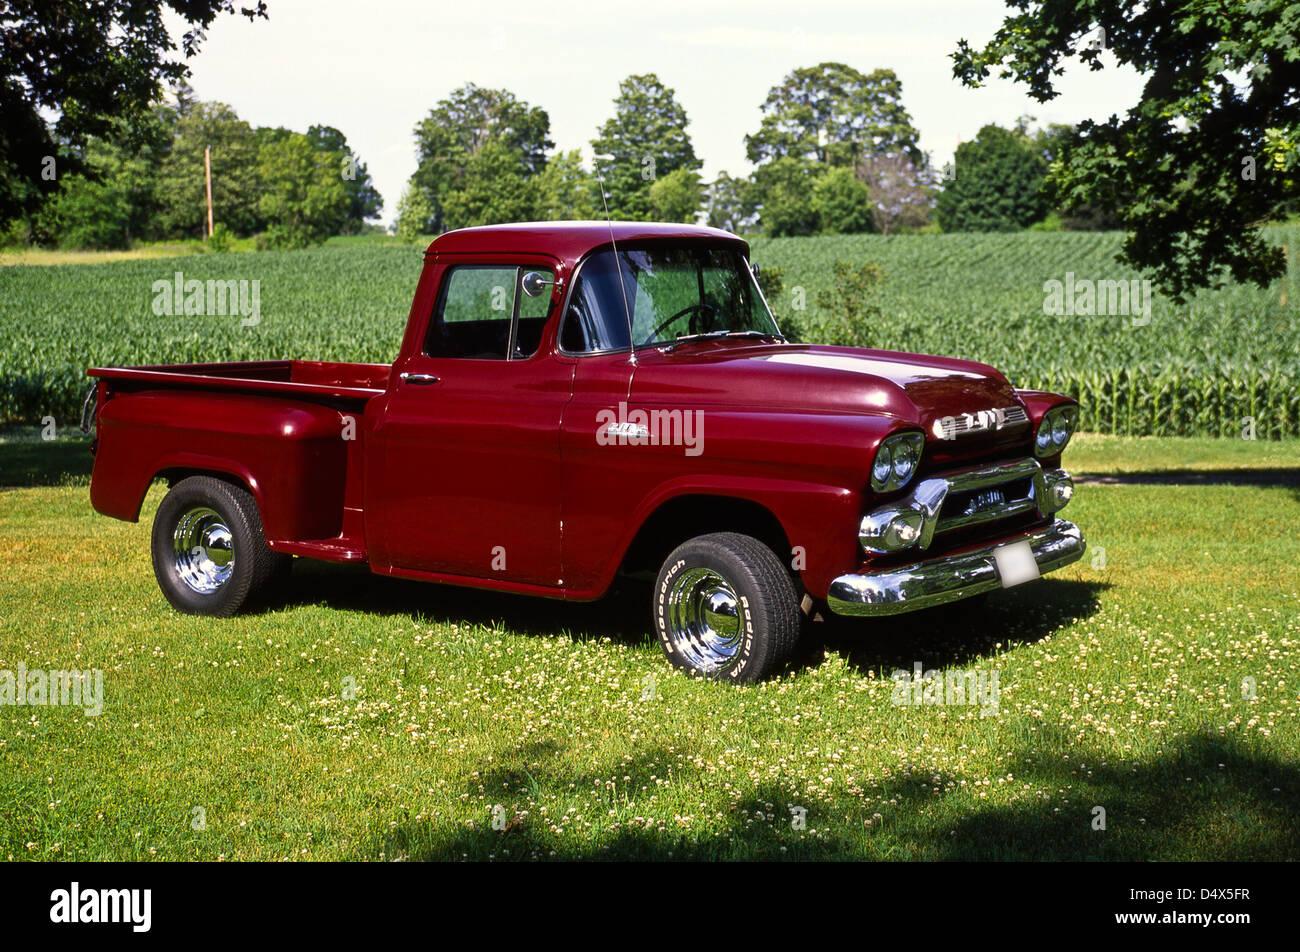 1959 Gmc General Motors Company Model 9310 Pick Up Truck